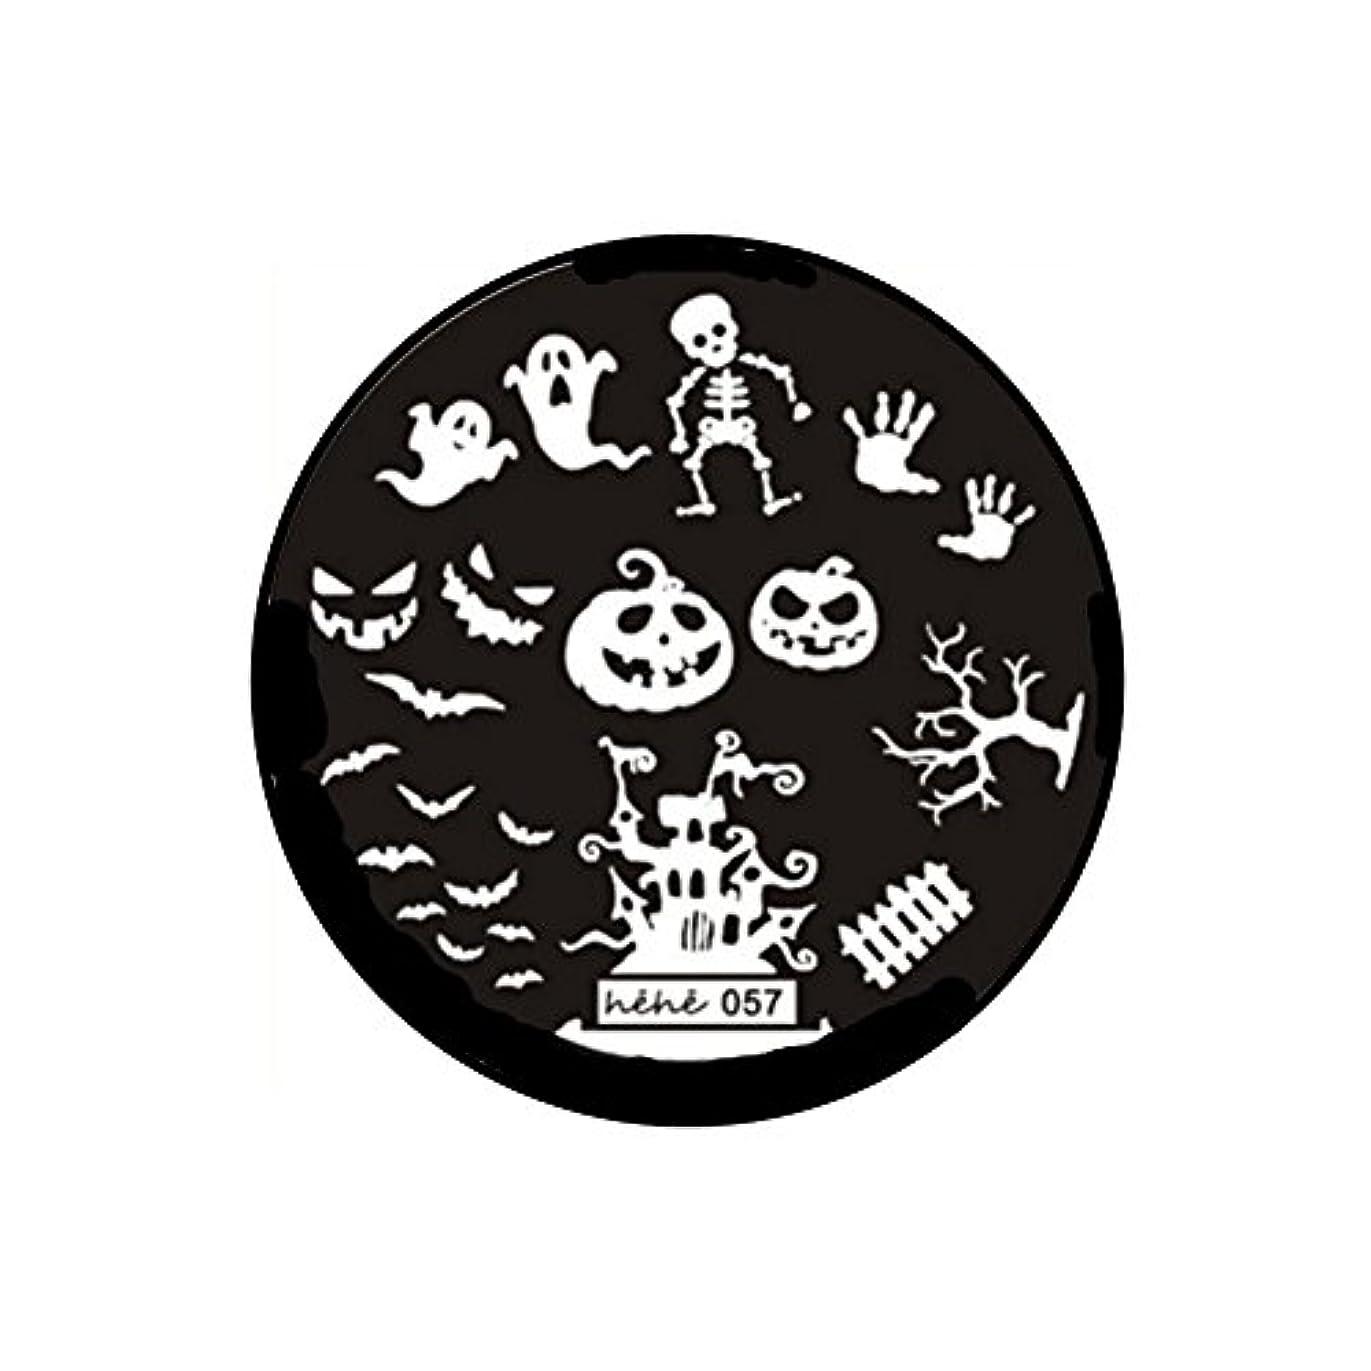 専ら引退したドラム1枚 スタンピングプレート 【 ハロウィンテーマ ネイル ジェルネイル ネイルアート ネイルスタンプ ネイル スタンプ 】heheイメージプレート